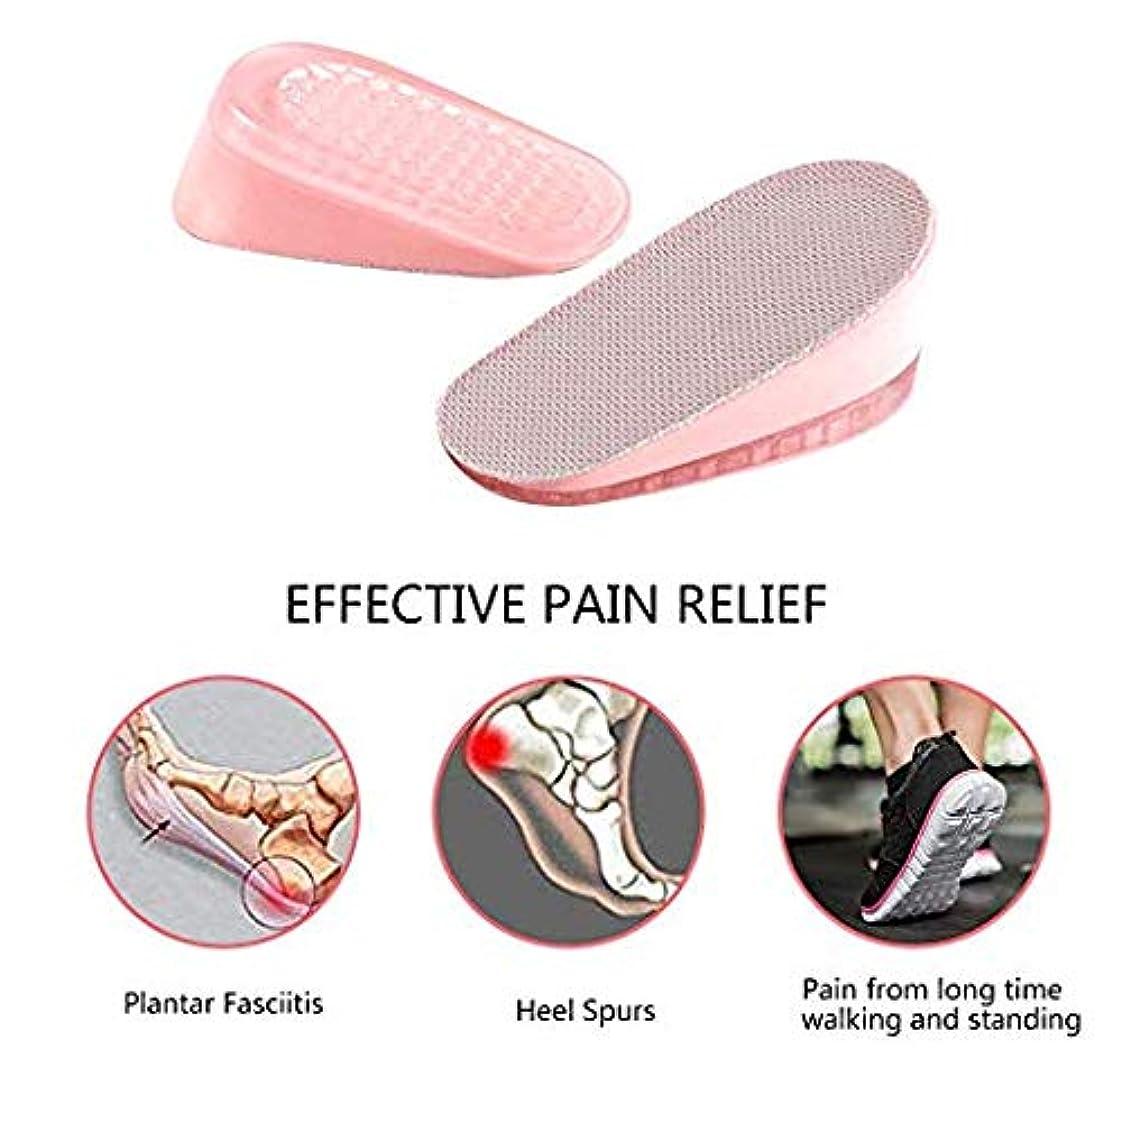 対話仮装どきどき痛み足底筋膜炎インソール| ヒールシートフットオルソティックインサート、ヒールペインおよびヒールスパーズ用ヒールカップ。